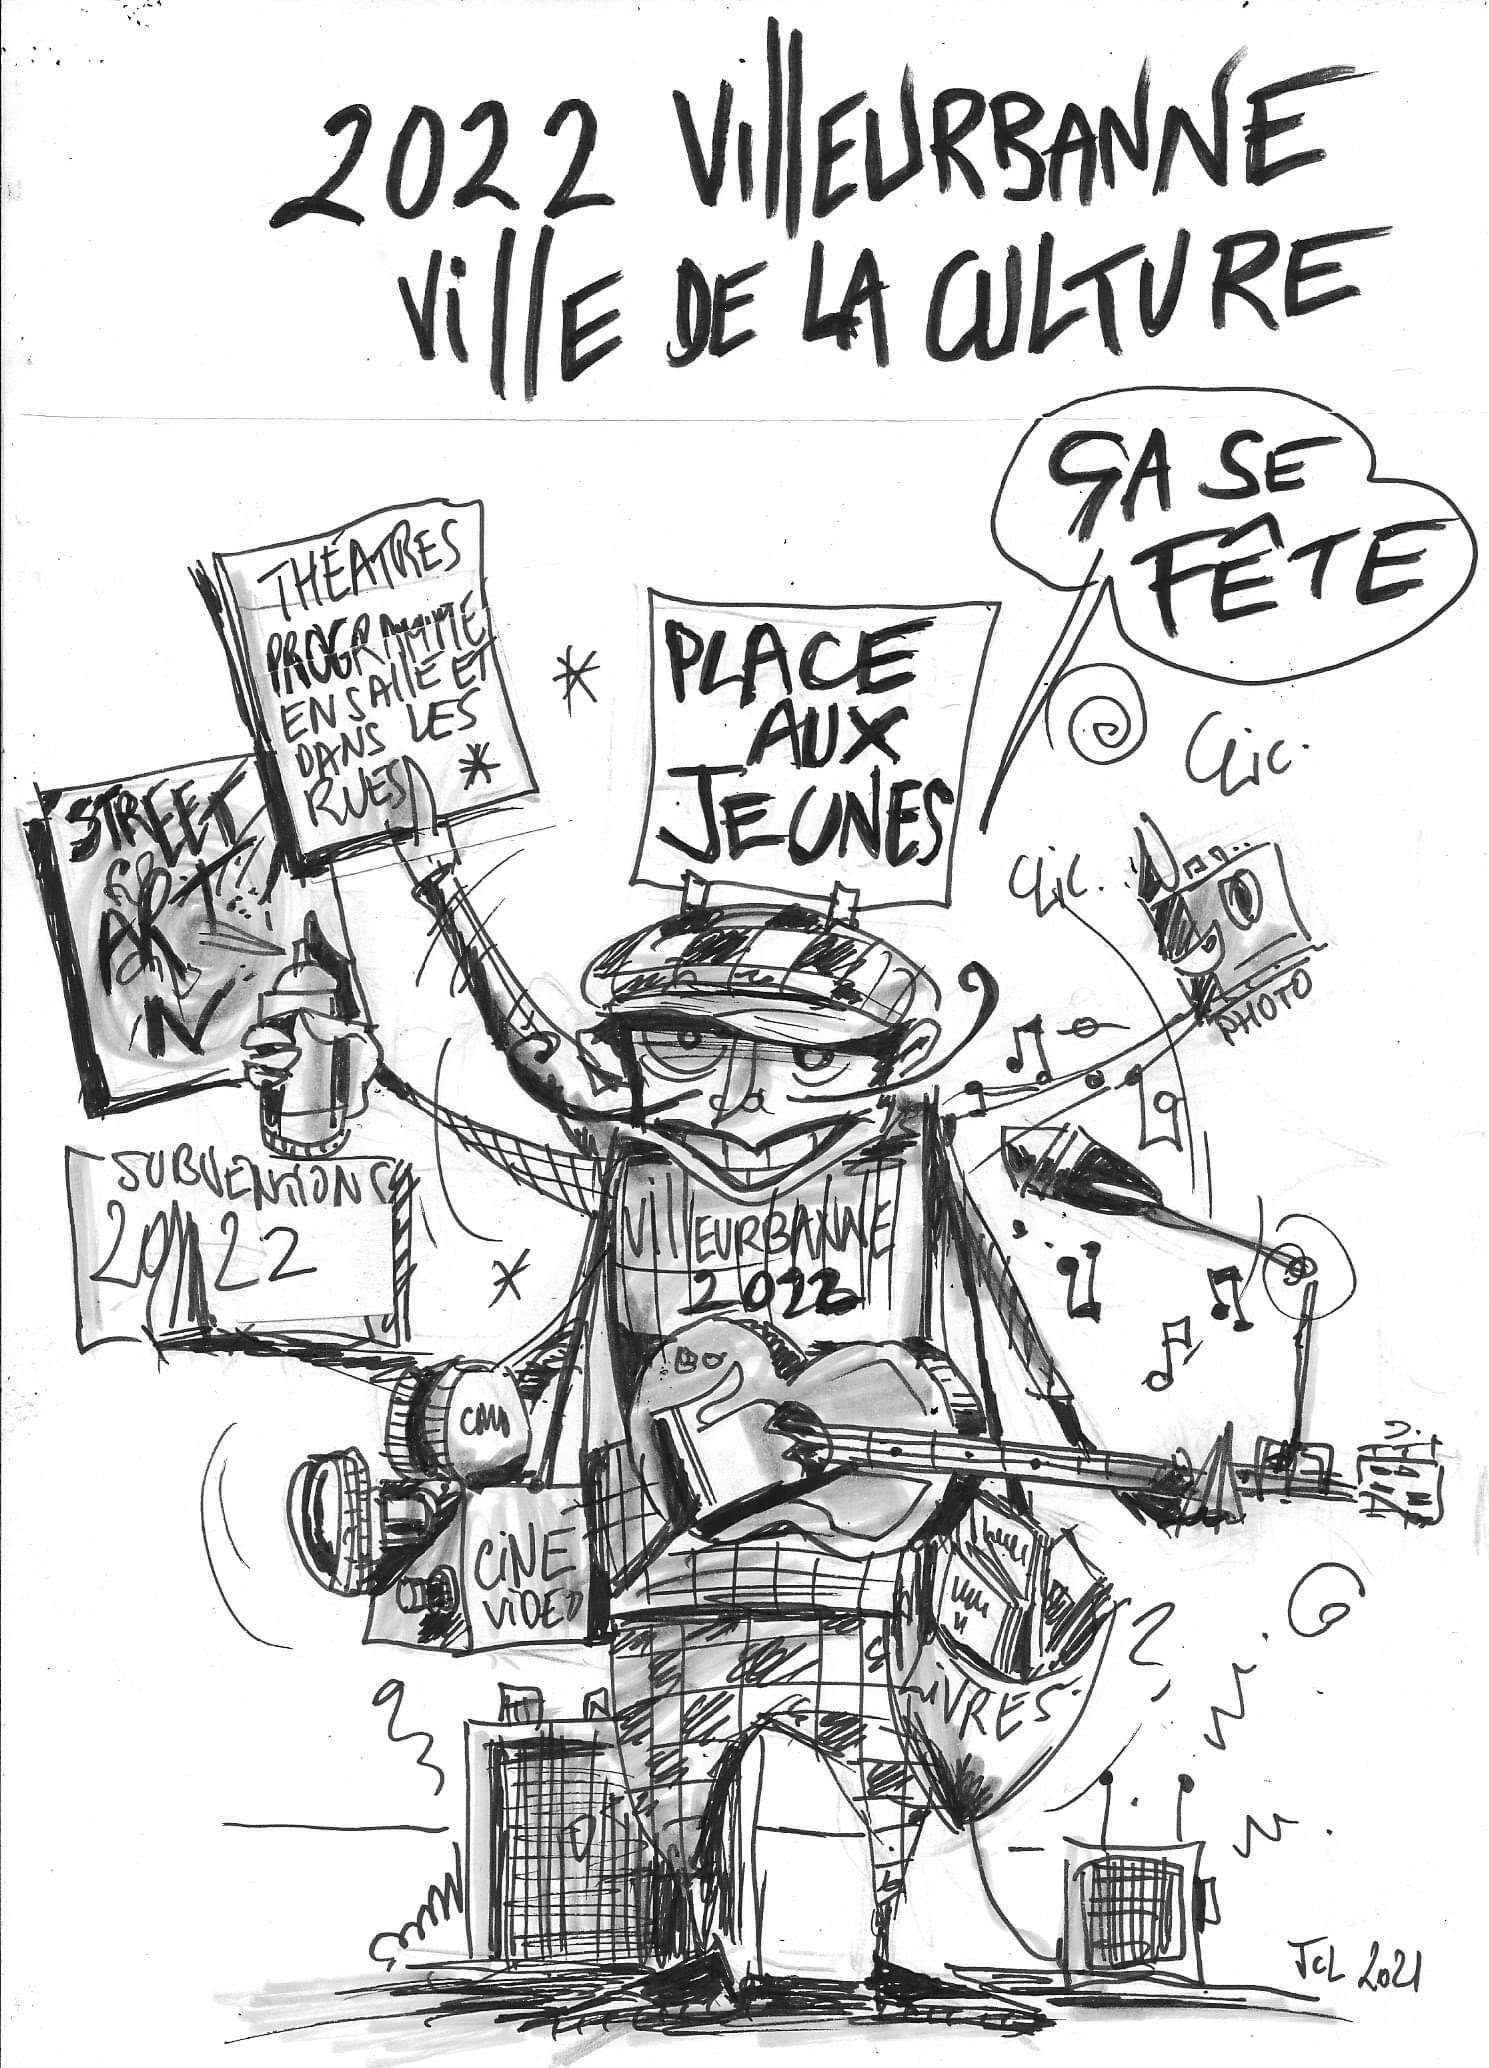 Villeurbanne, capitale française de la culture en 2022